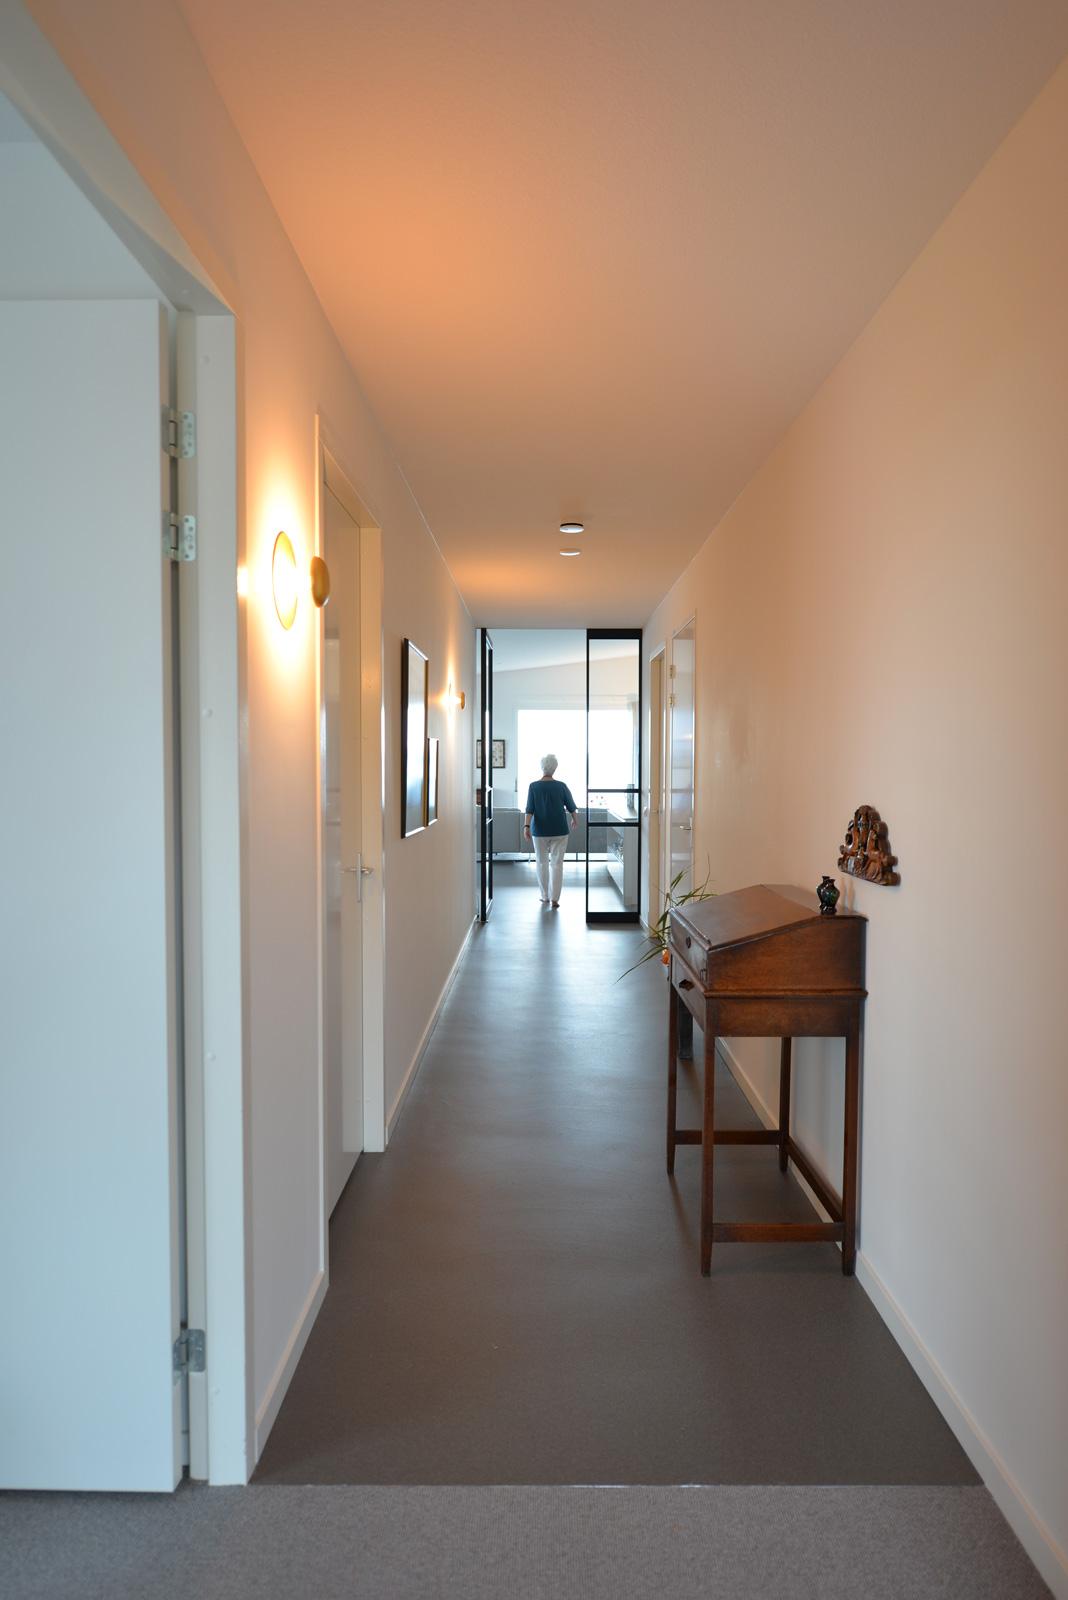 Matser interieur